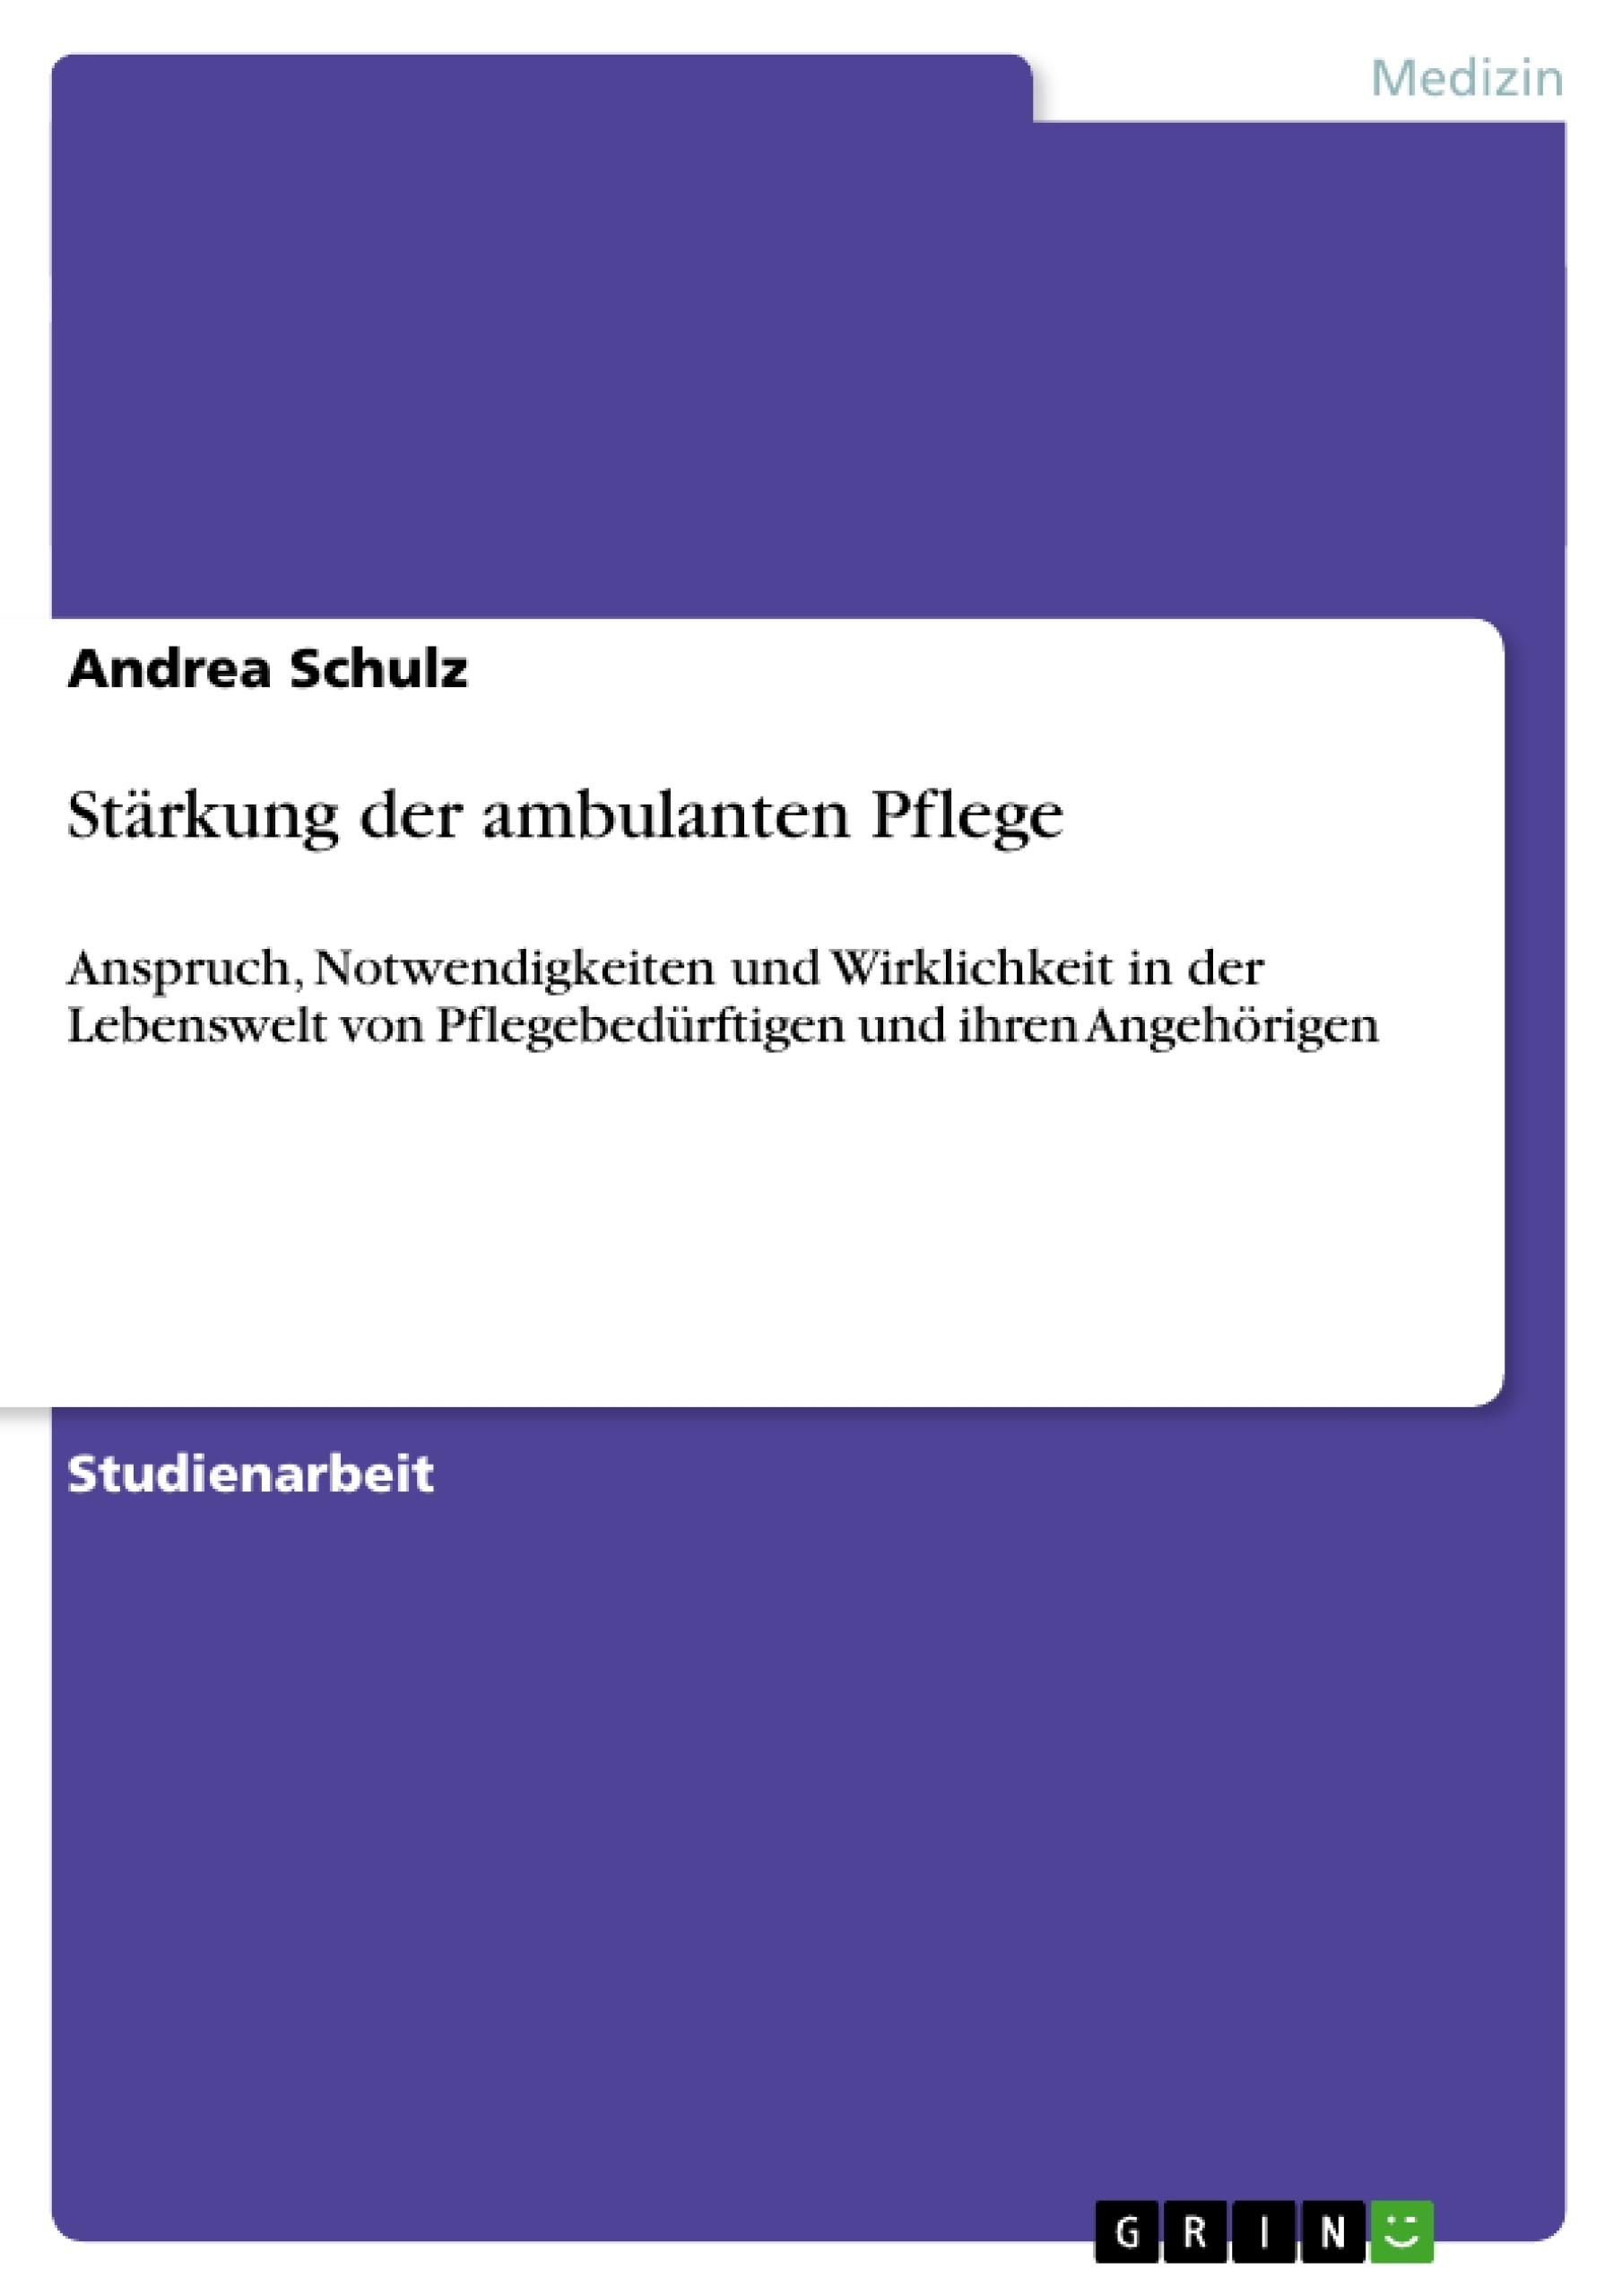 Titel: Stärkung der ambulanten Pflege